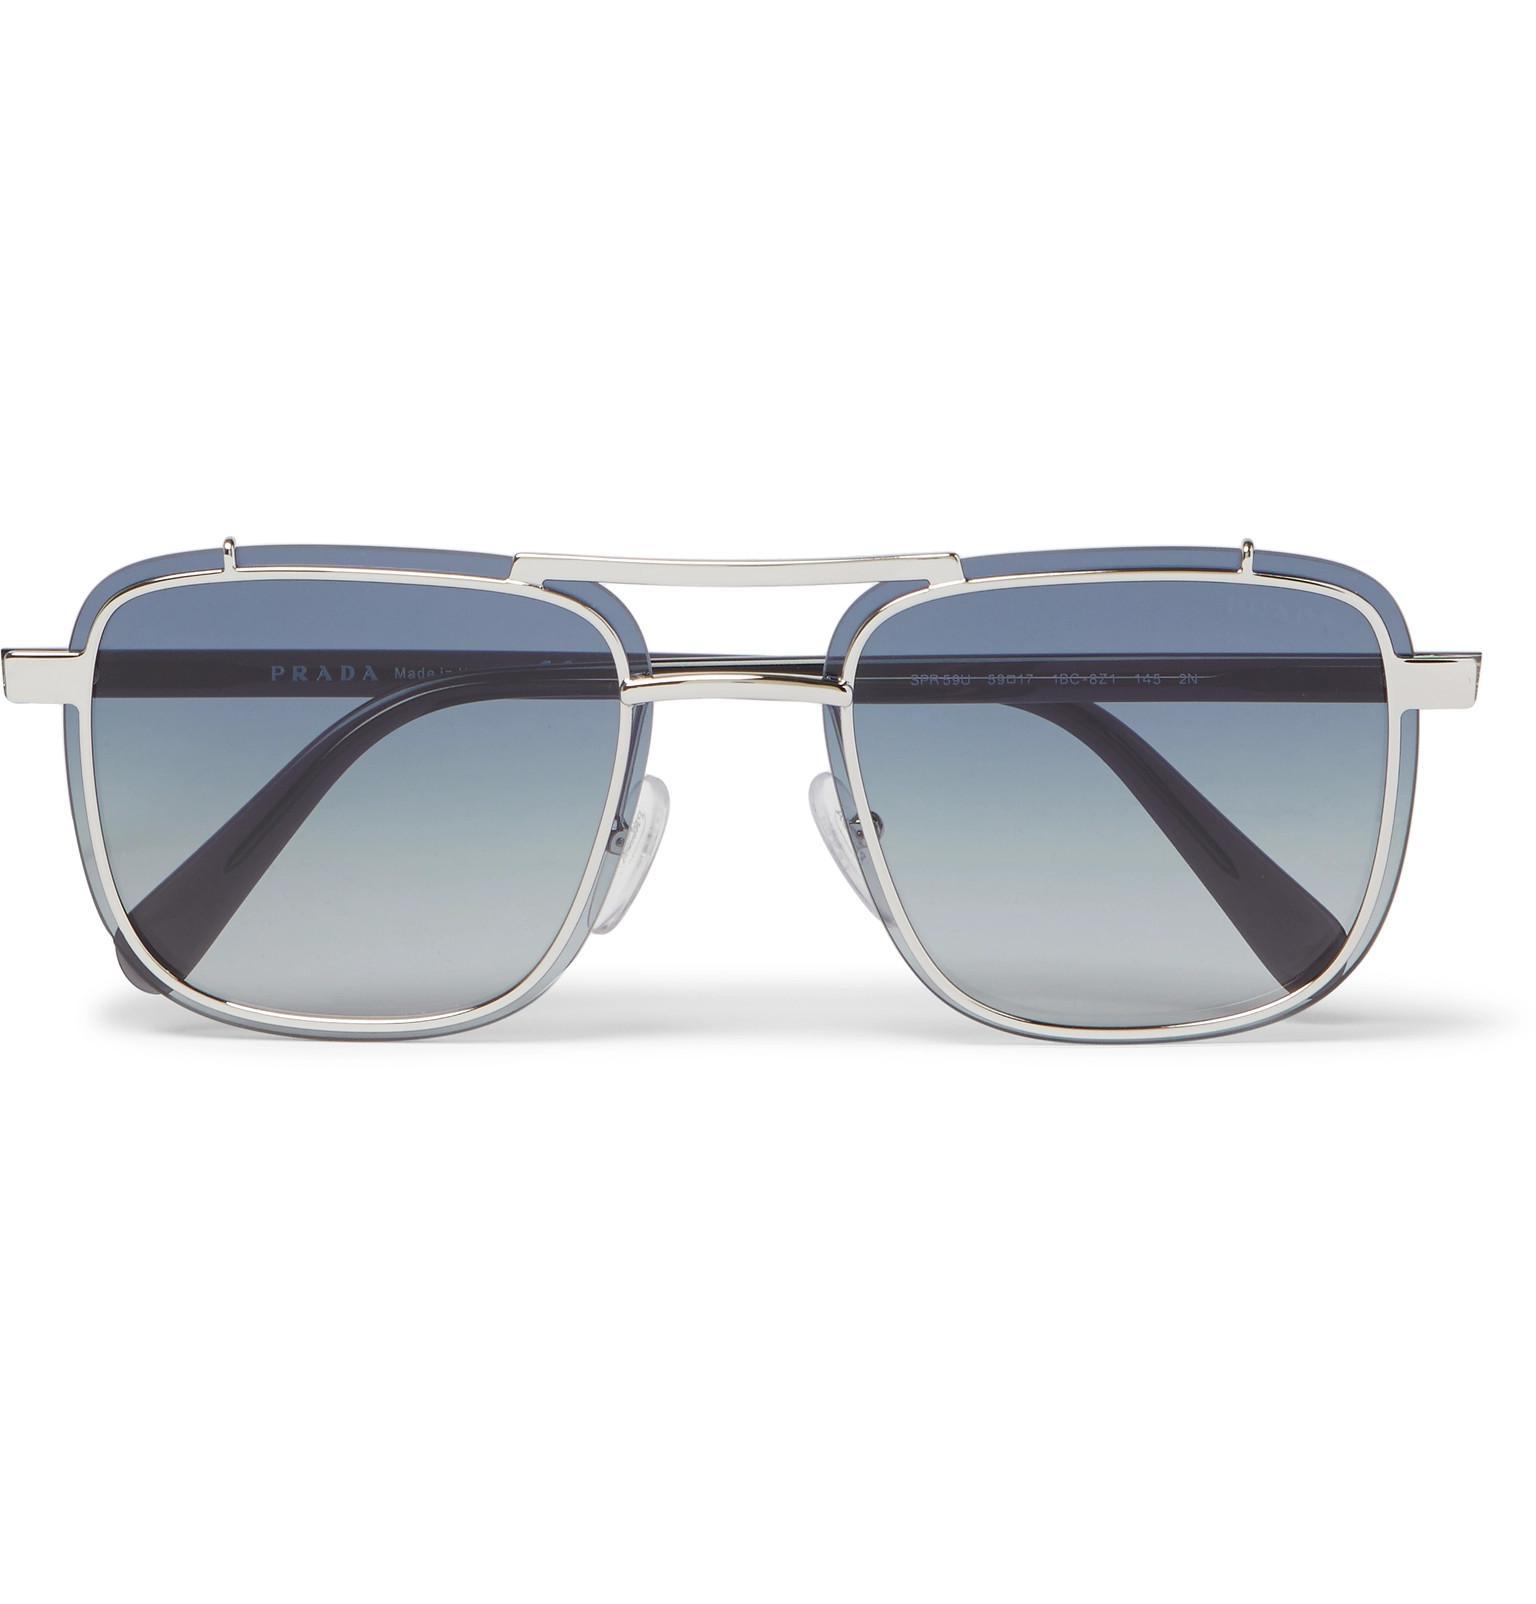 158d59e9d35 Lyst - Prada Square-frame Silver-tone And Acetate Sunglasses in ...